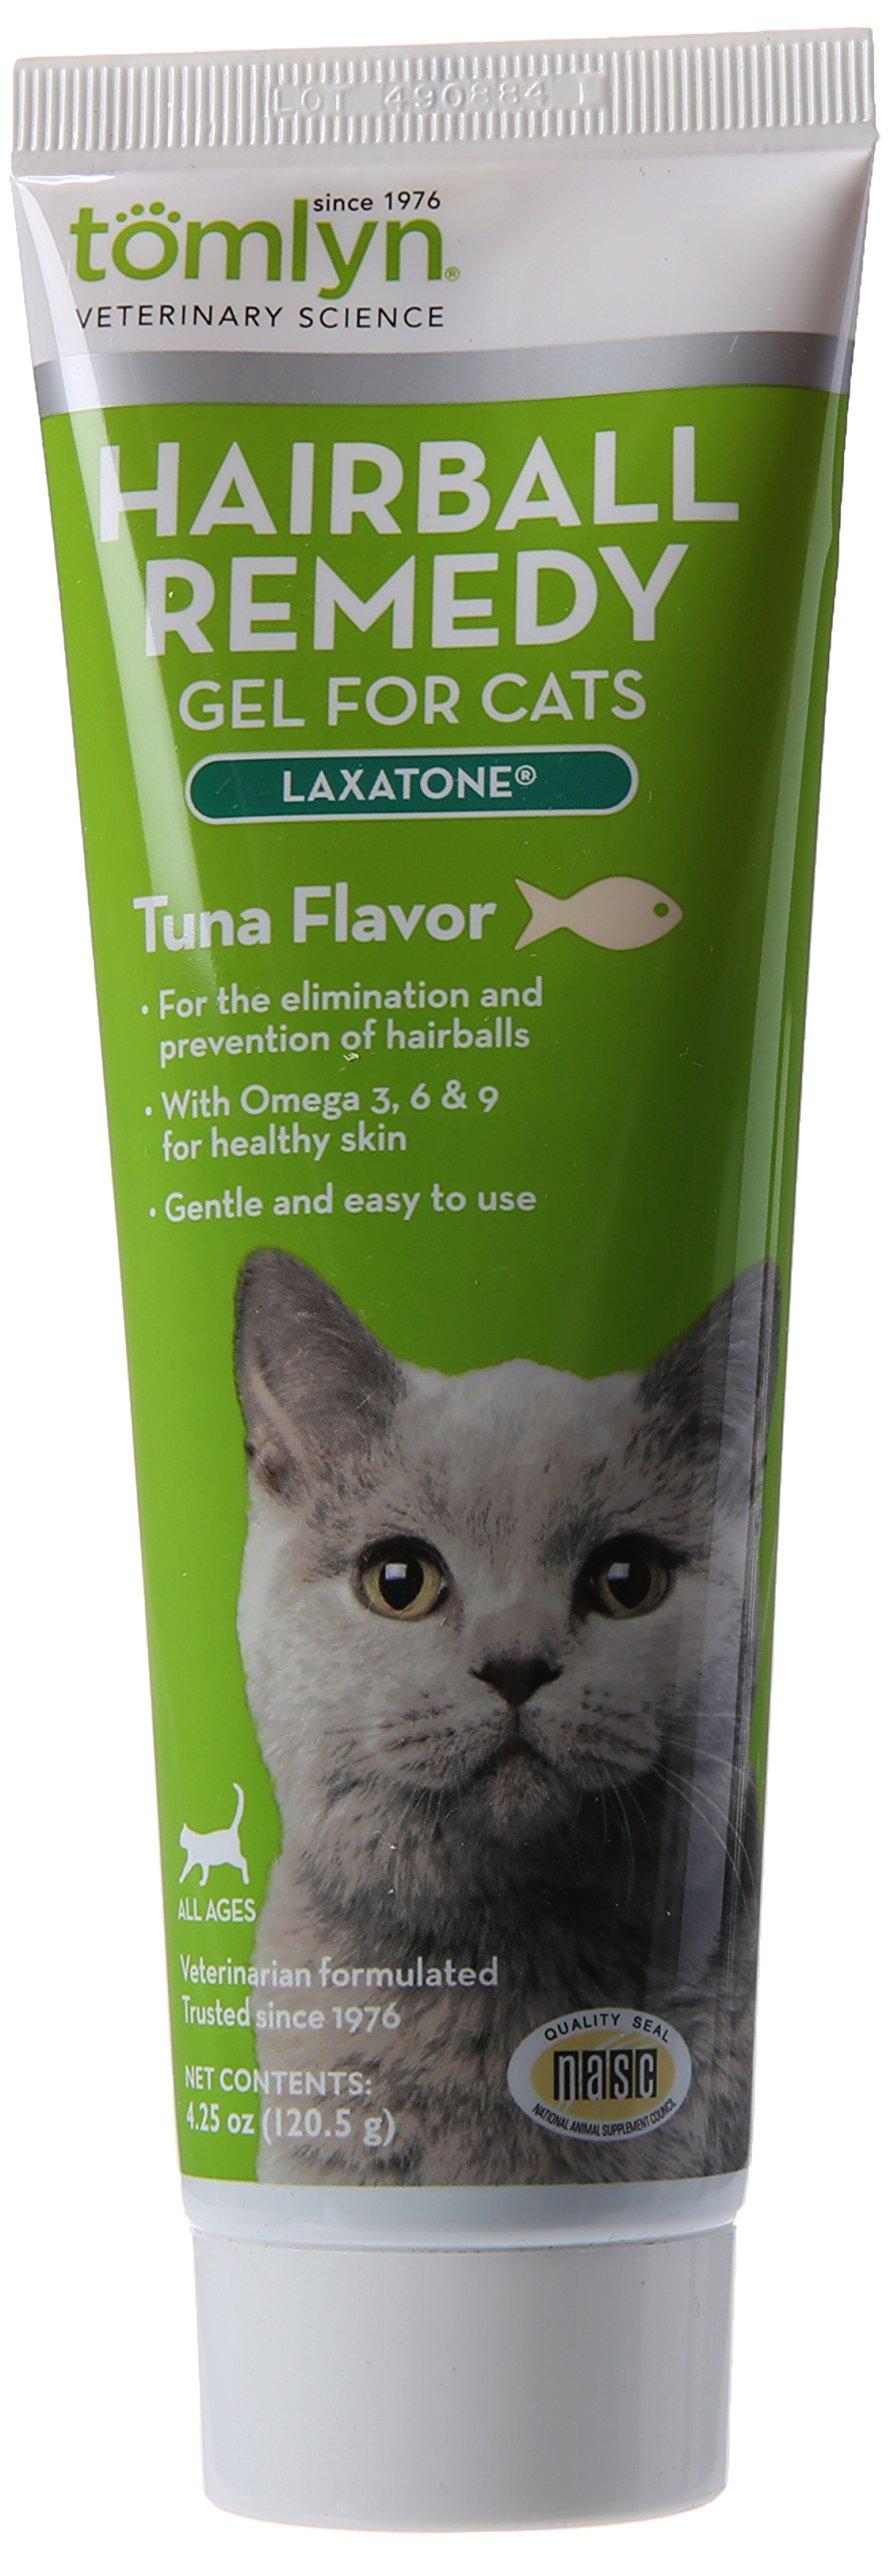 Tomlyn Hairball Remedy for Cats, Tuna Flavor, (Laxatone) 4.25 oz by TOMLYN